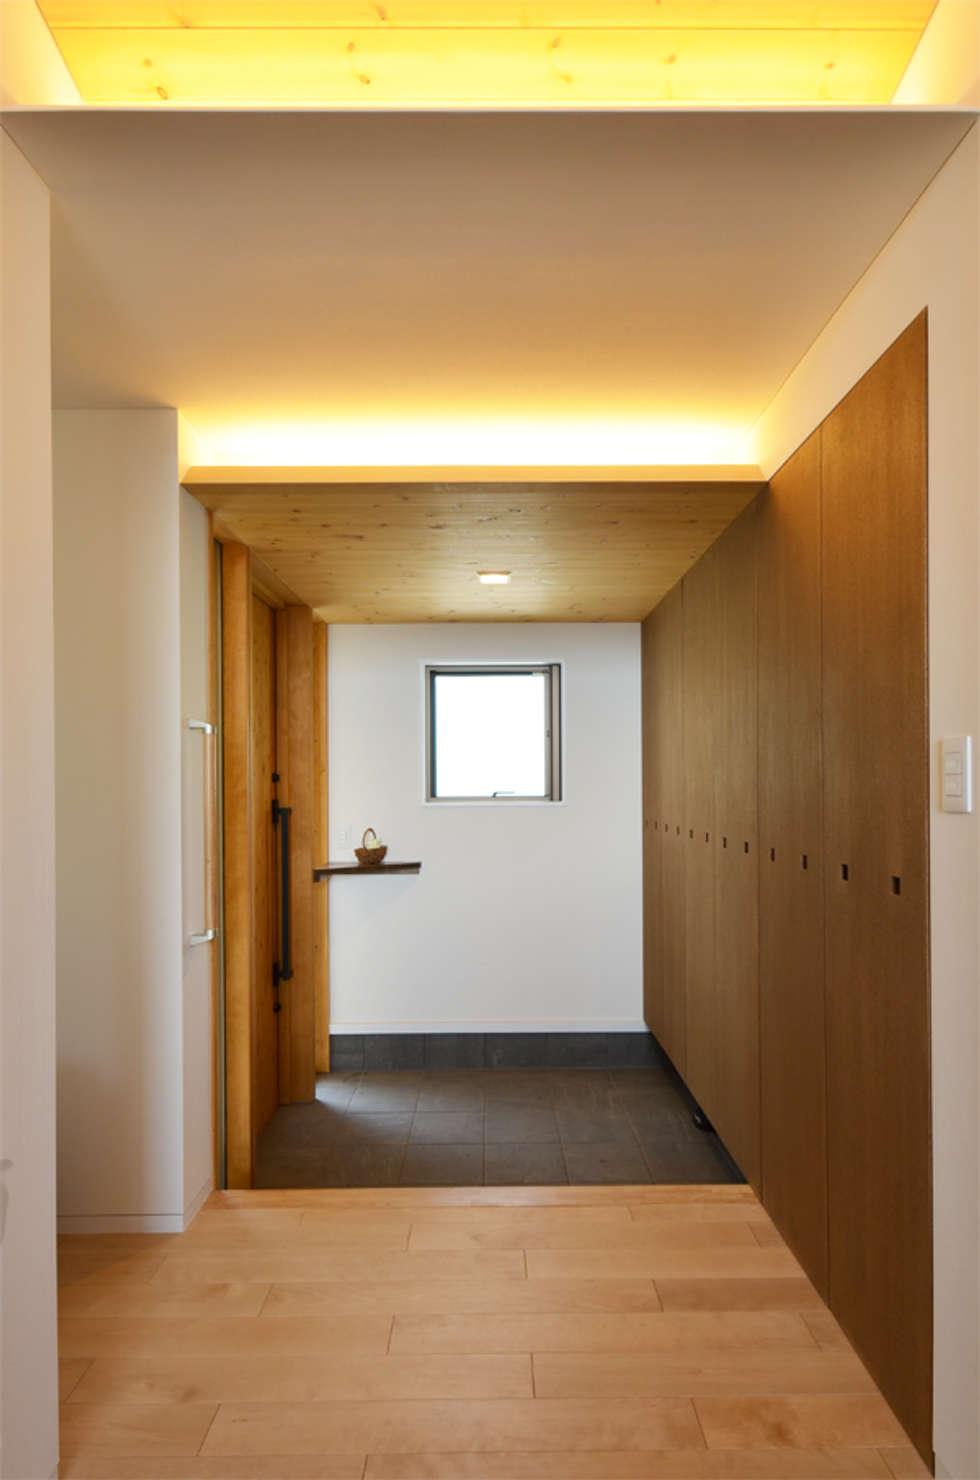 高峰の家: 鎌田建築設計室が手掛けた浴室です。